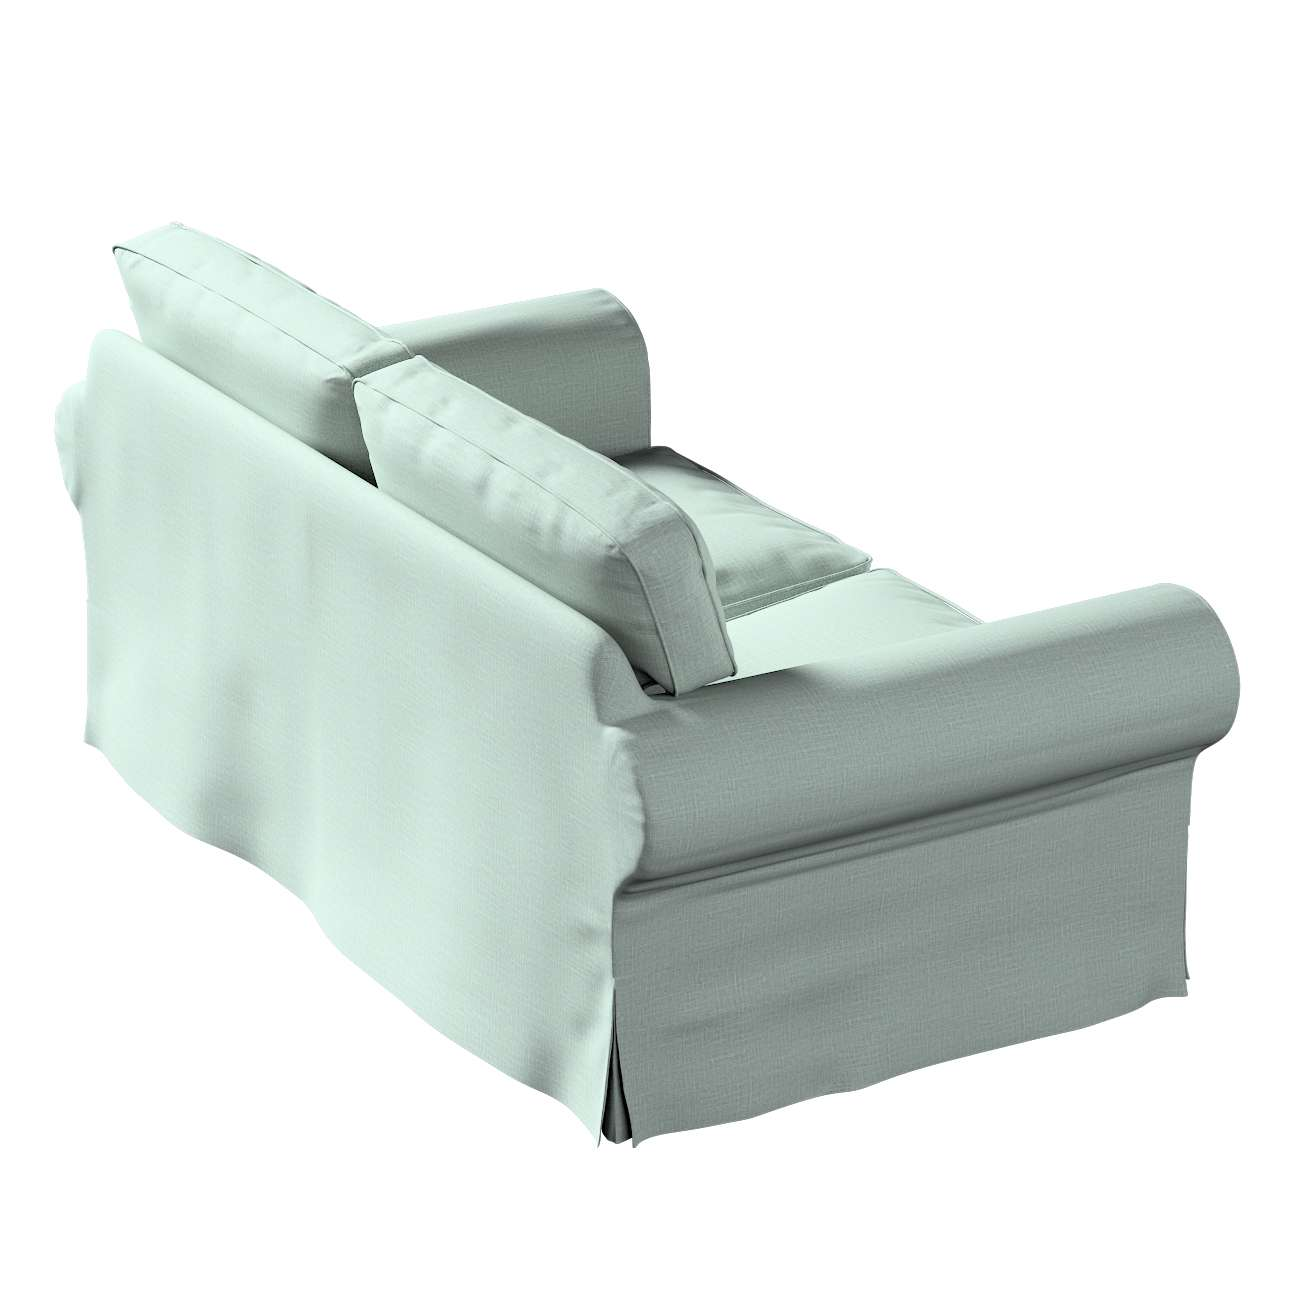 Potah na pohovku IKEA  Ektorp 2-místná, nerozkládací v kolekci Living, látka: 160-86